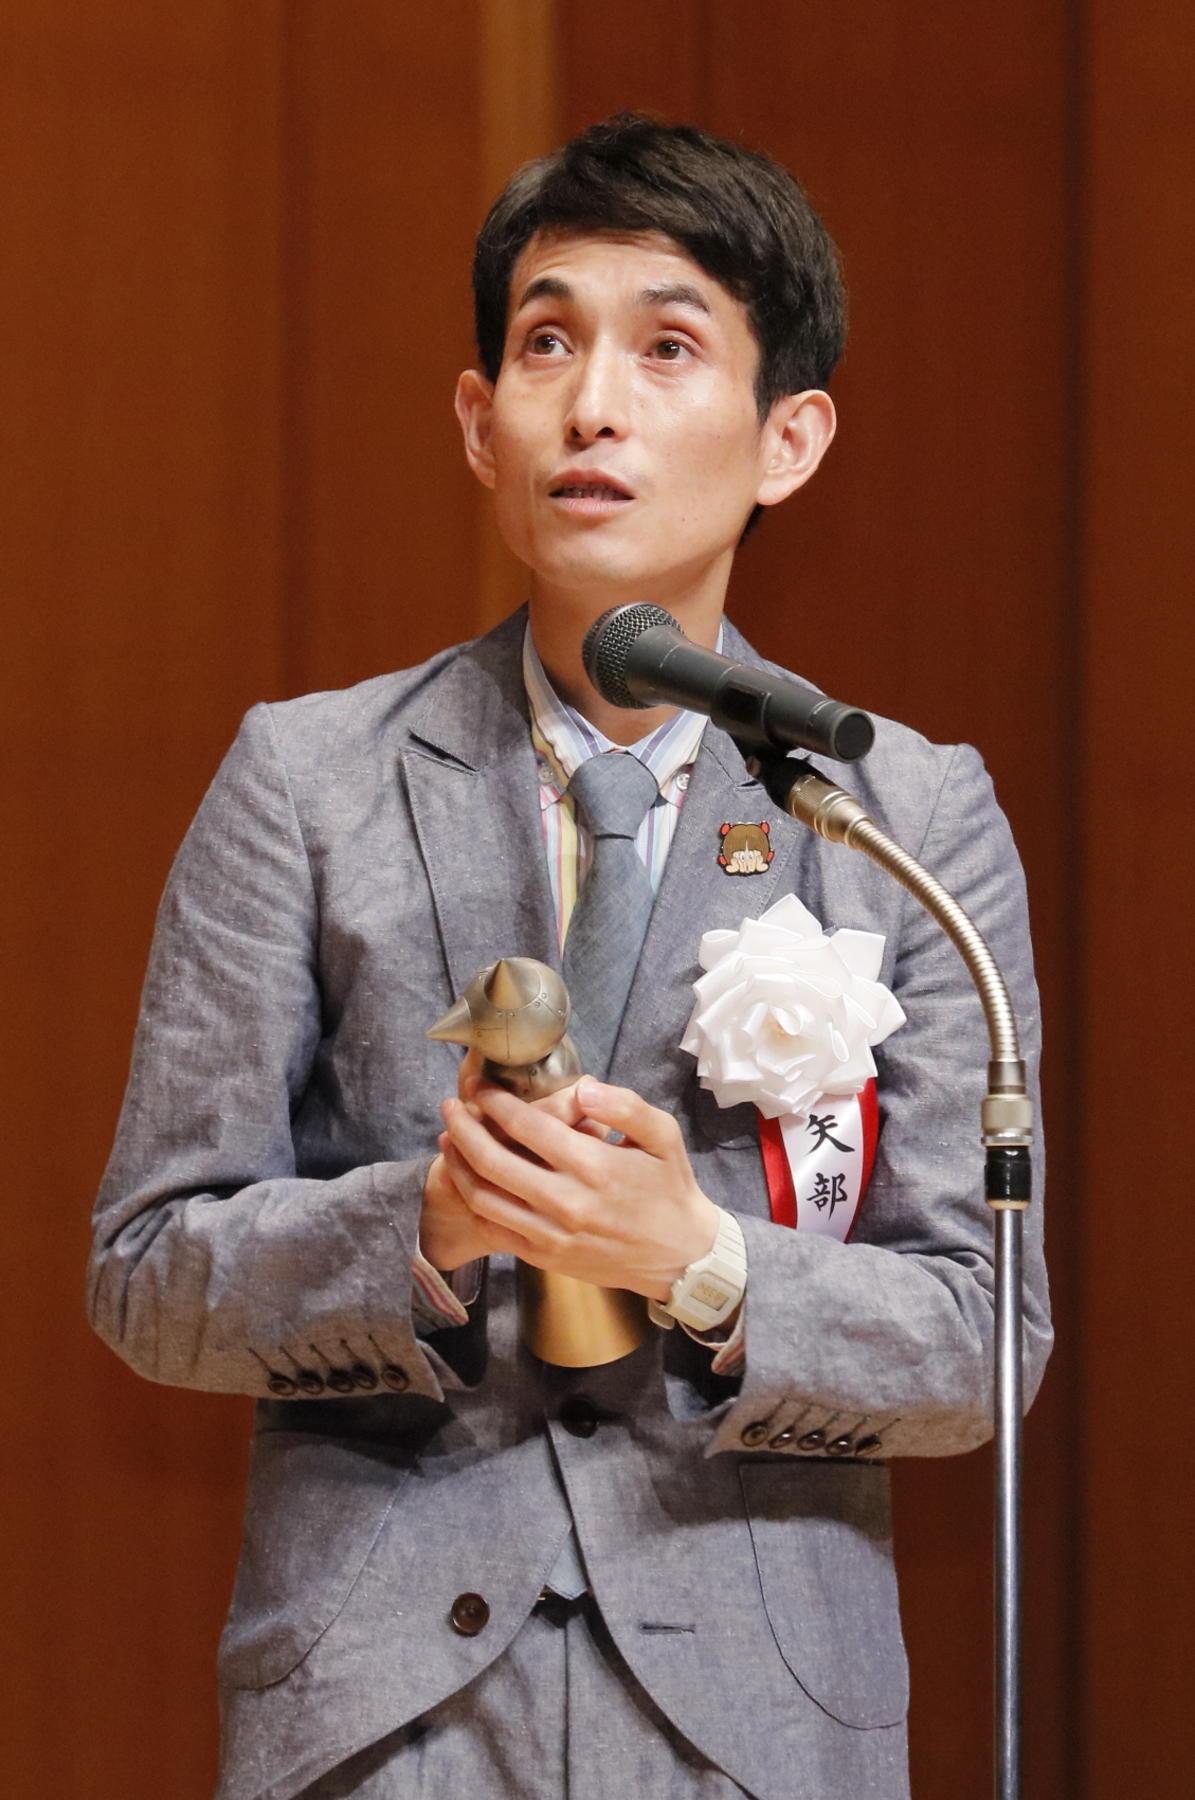 http://news.yoshimoto.co.jp/20180608002711-1b2f7c26af075bea4b4035228a54ee8c4a95c8ef.jpg